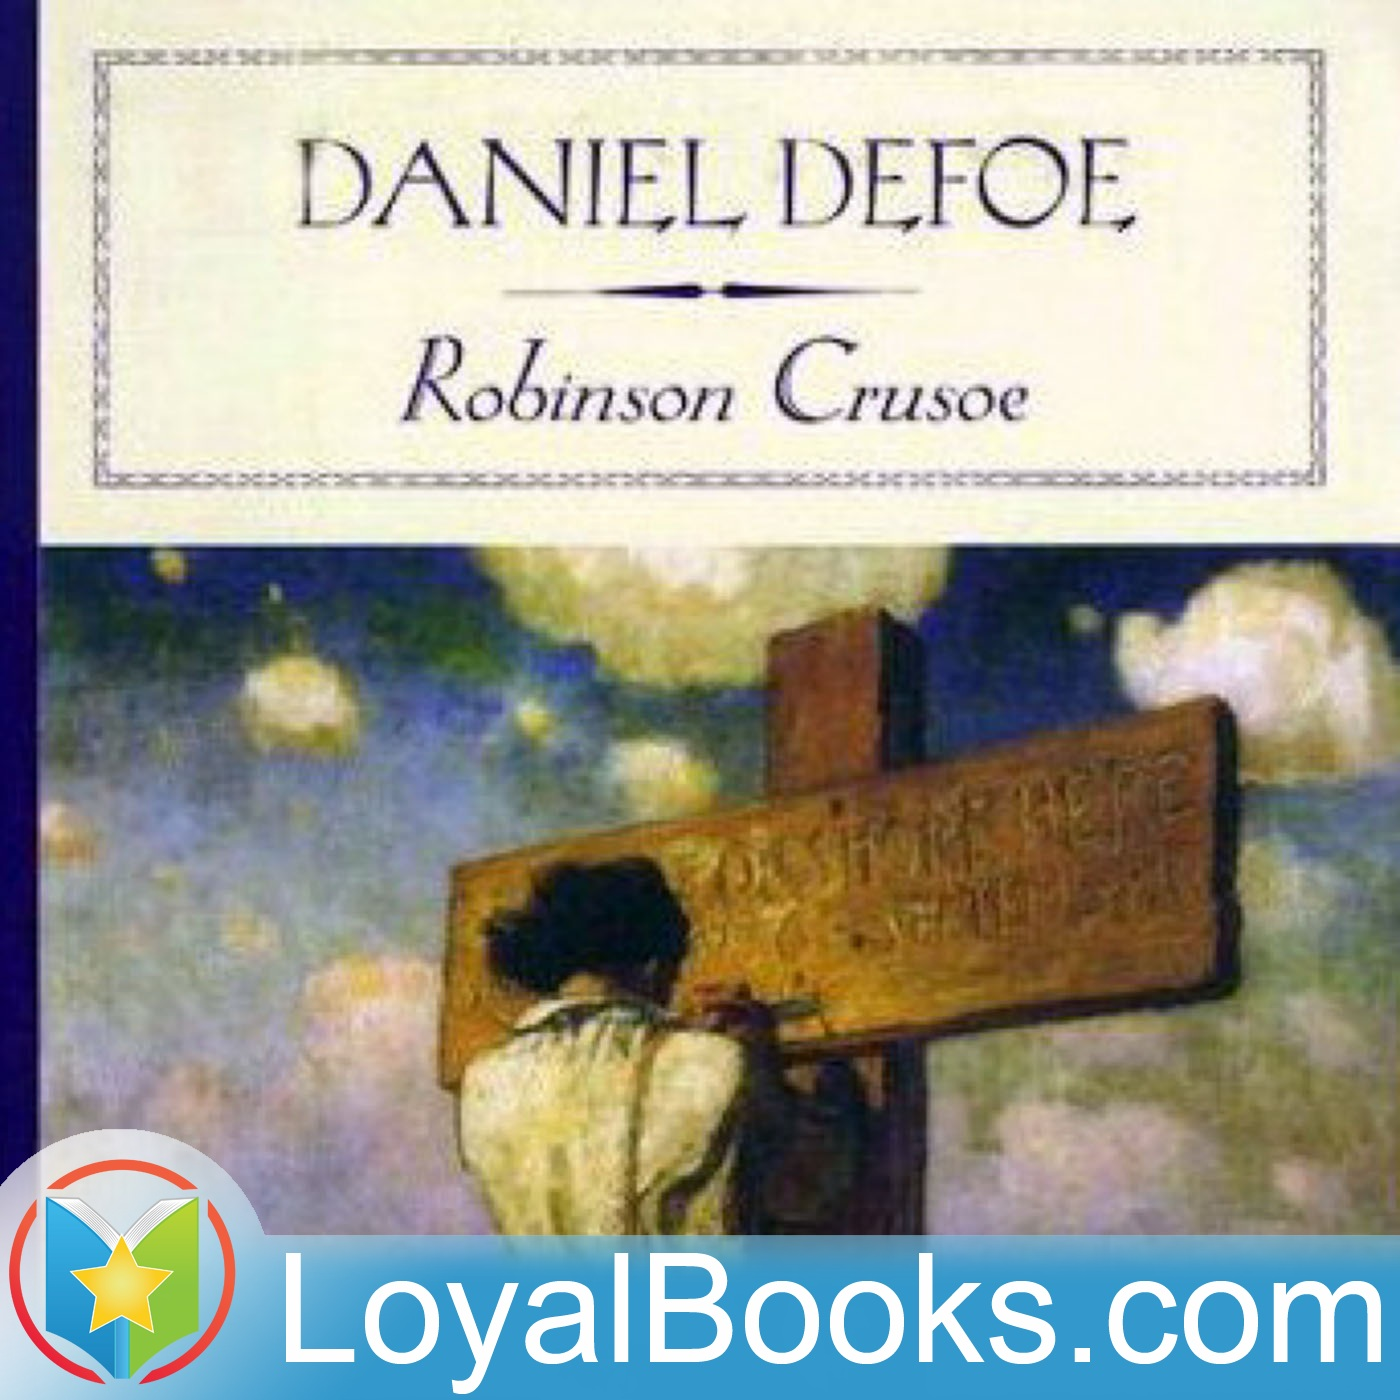 <![CDATA[Robinson Crusoe by Daniel Defoe]]>